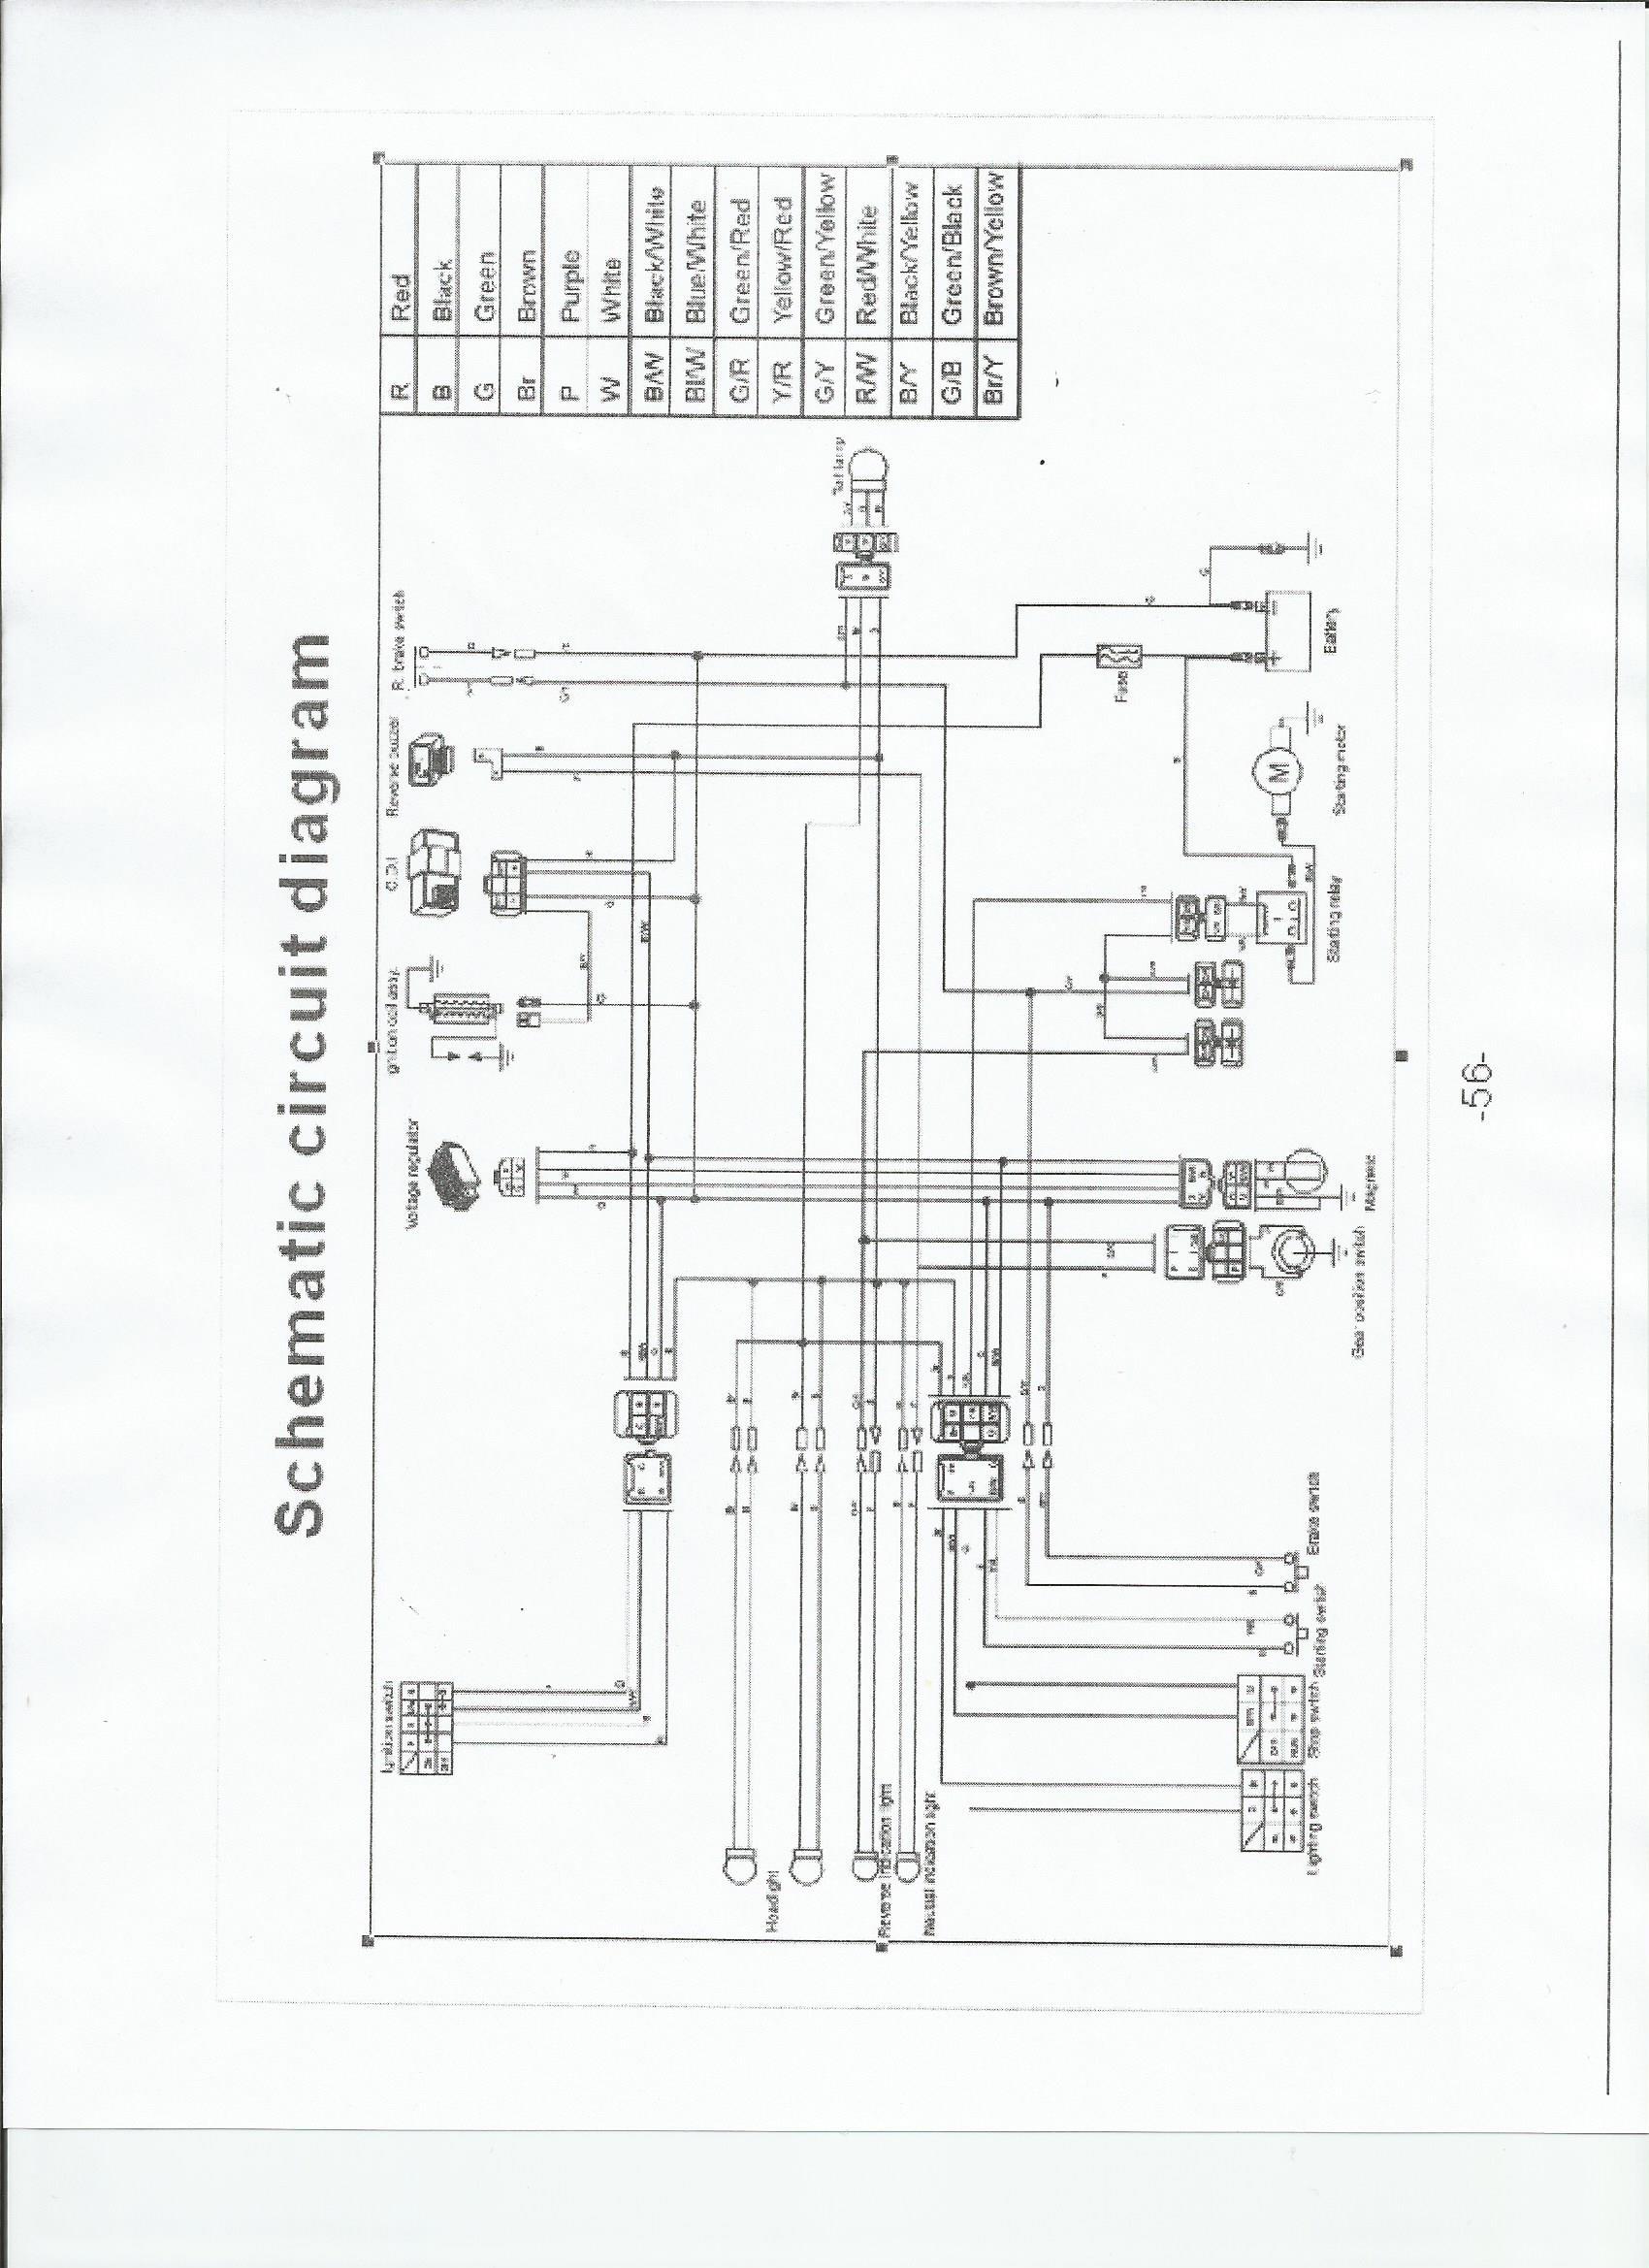 1987 Arctic Cat Cougar 500 Wiring Schematic Trusted Diagrams 1989 43 Diagram Atv Parts